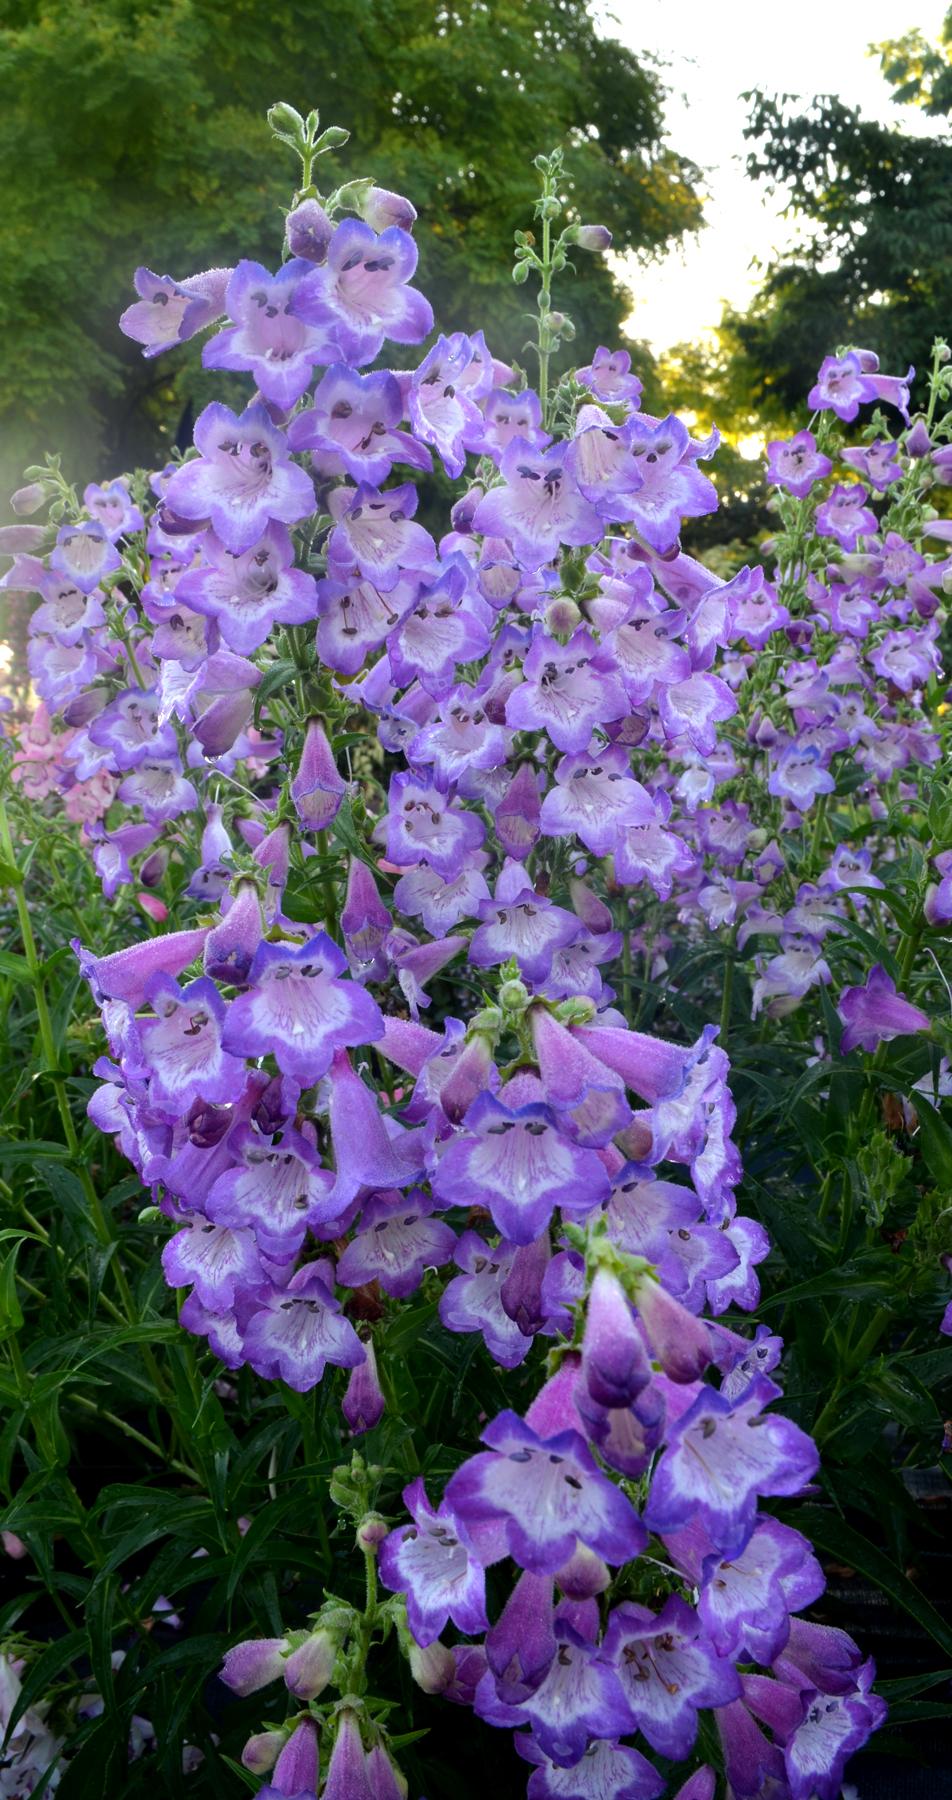 Penstemon-Cha-Cha-Lavender-2.jpg